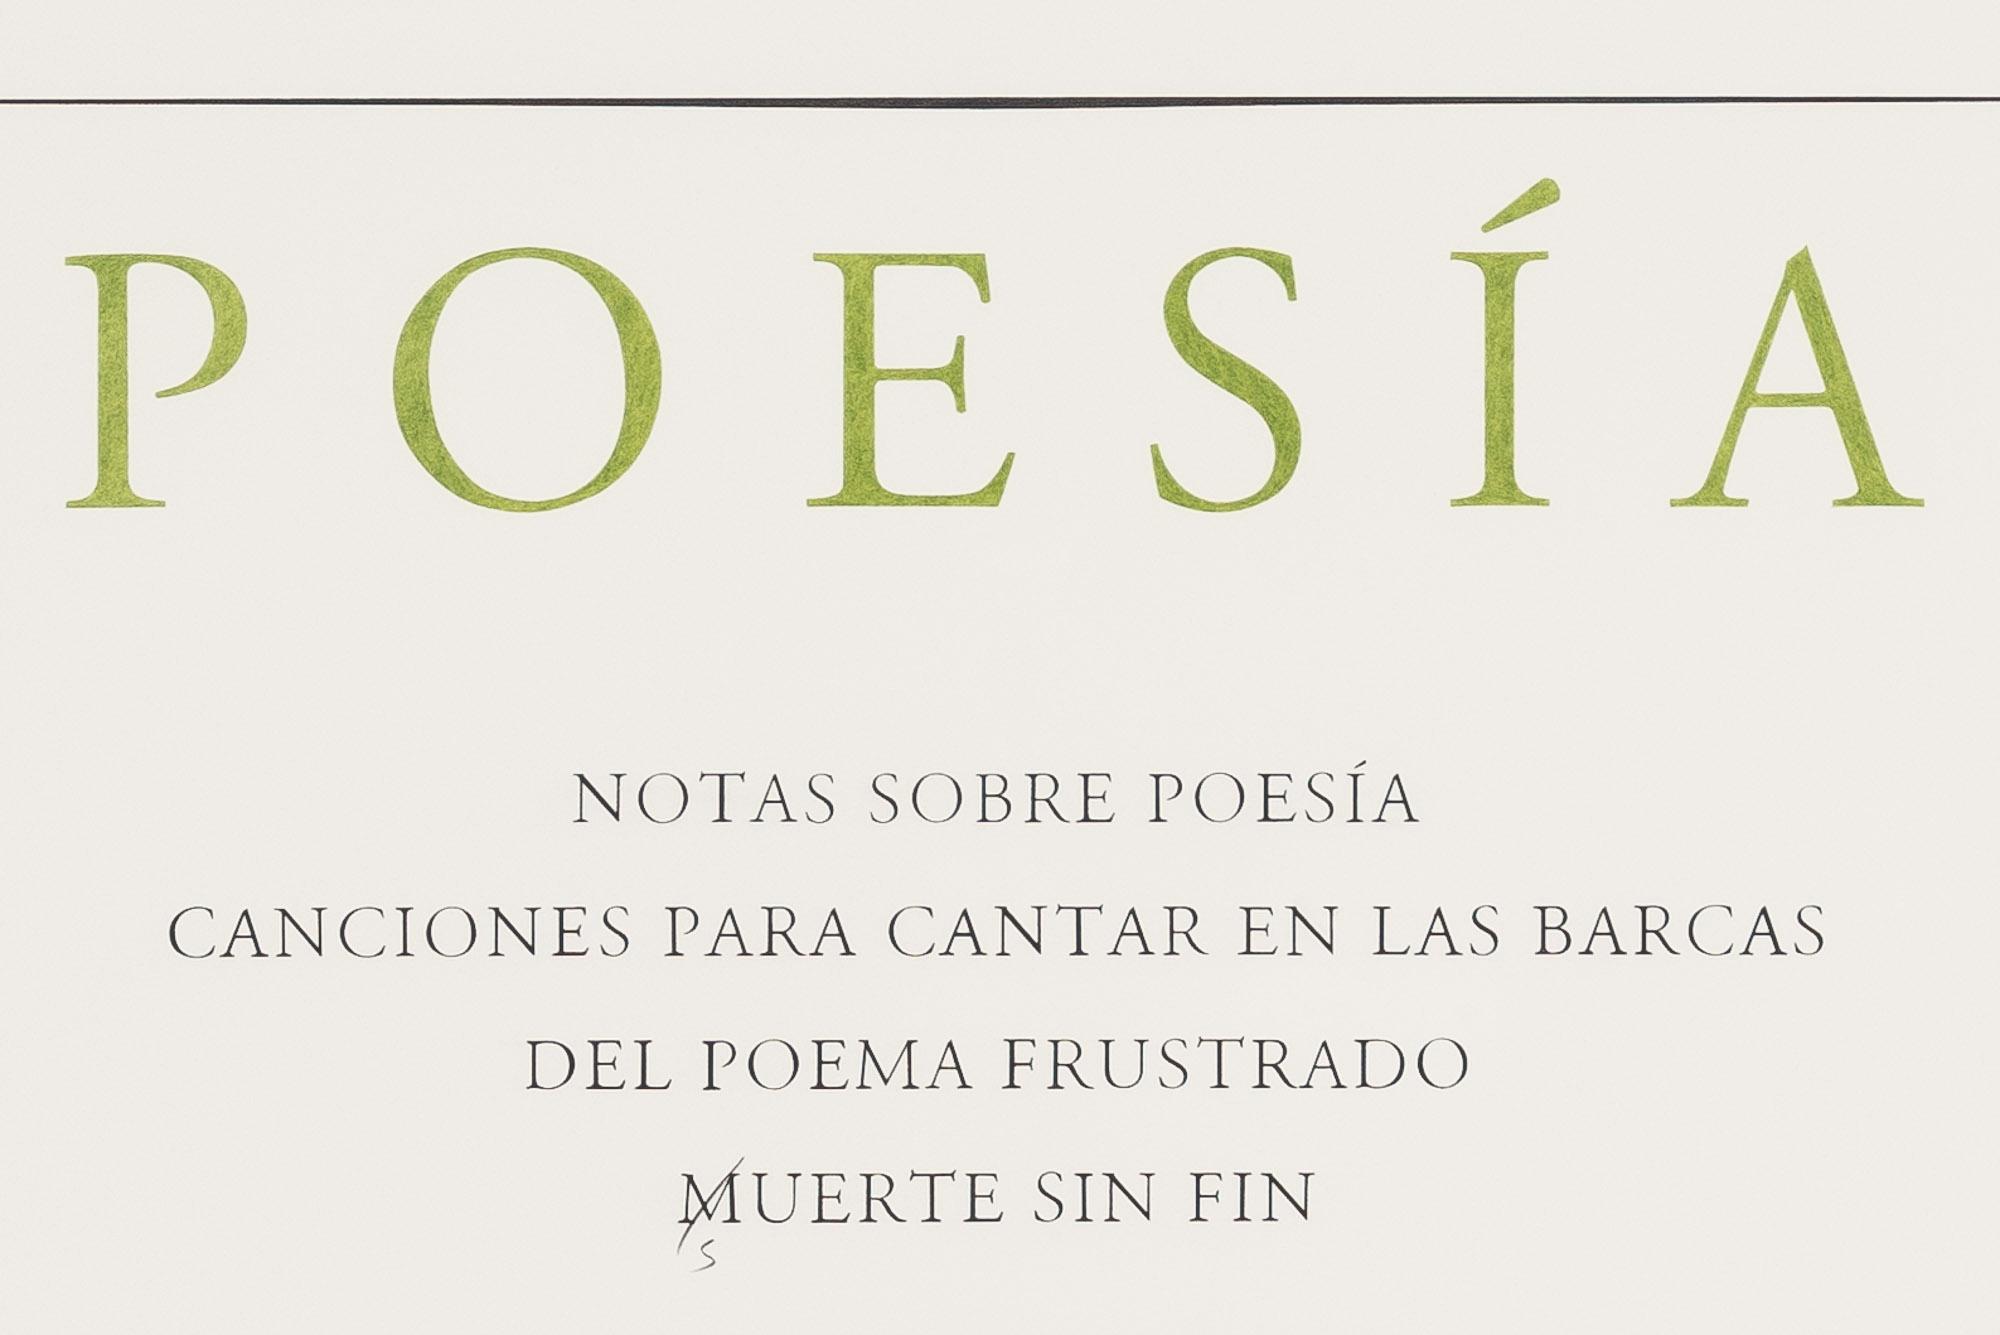 José Gorostiza. Poesía. 1939 – 2017 / José Gorostiza. Poetry. 1939 - 2017  , 2017  Lápiz y lápiz de color sobre papel de algodón / Pencil and colored pencil on cotton paper  150 x 100 cm  Detalle / Detail